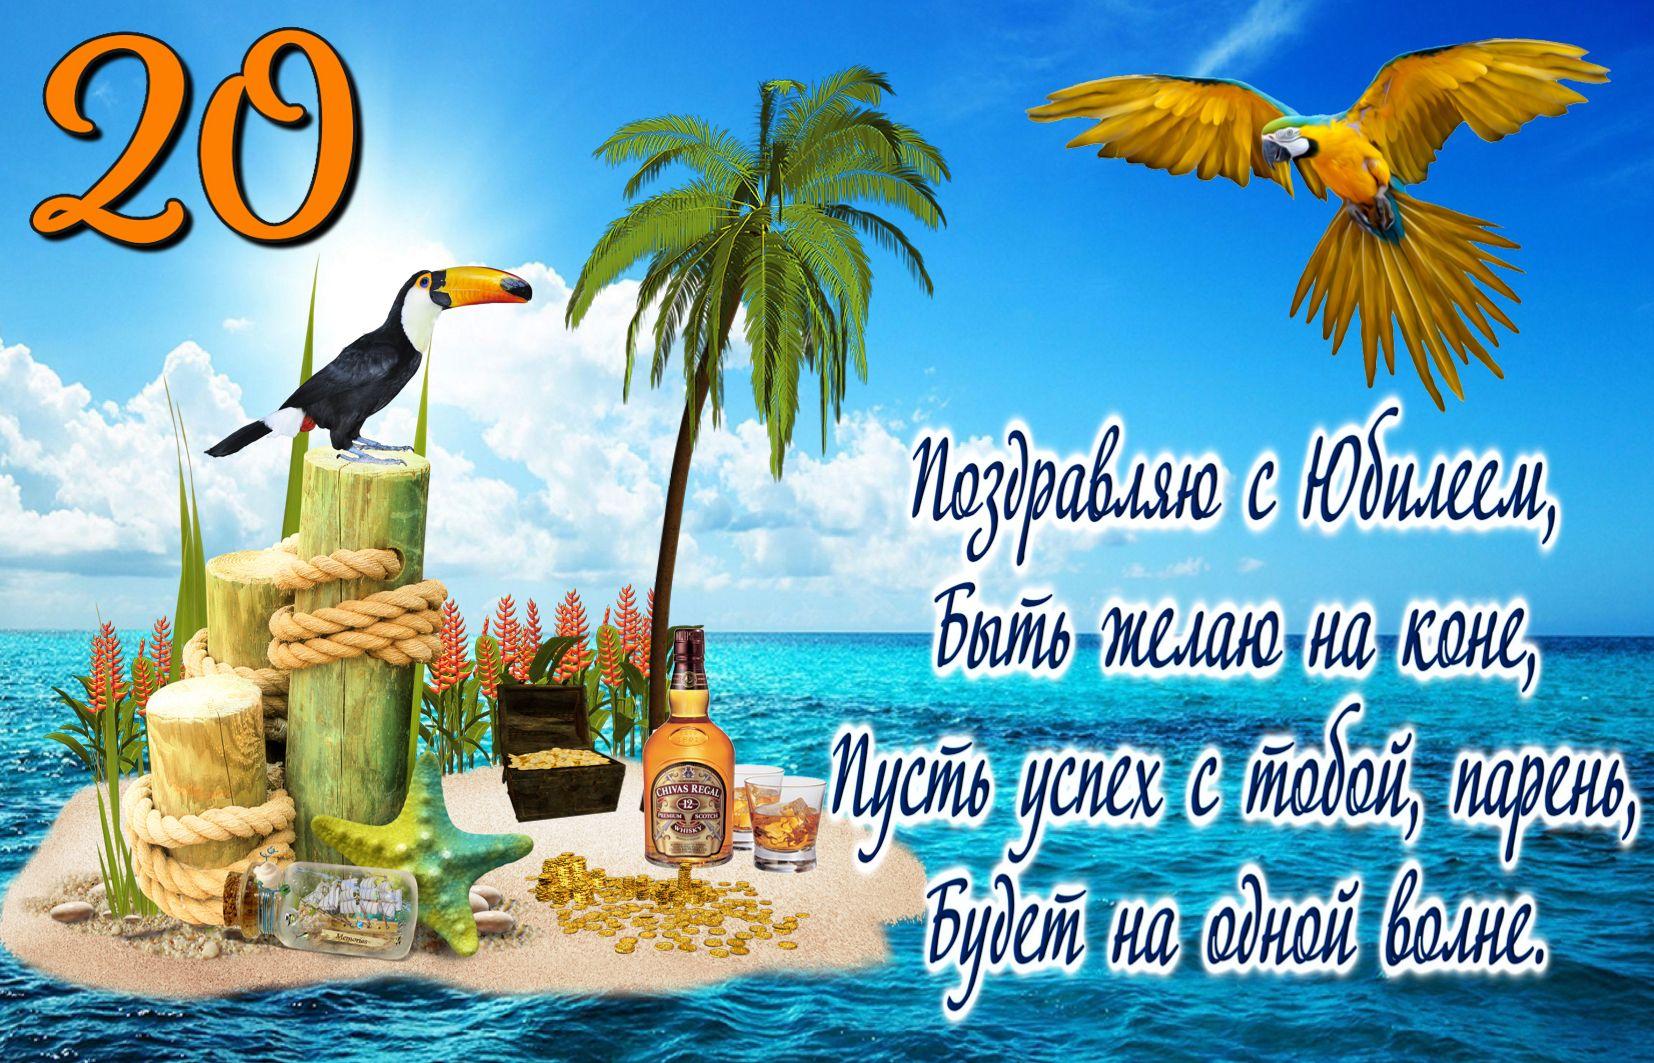 Открытка на юбилей на 20 лет - островок с пальмой и попугаем